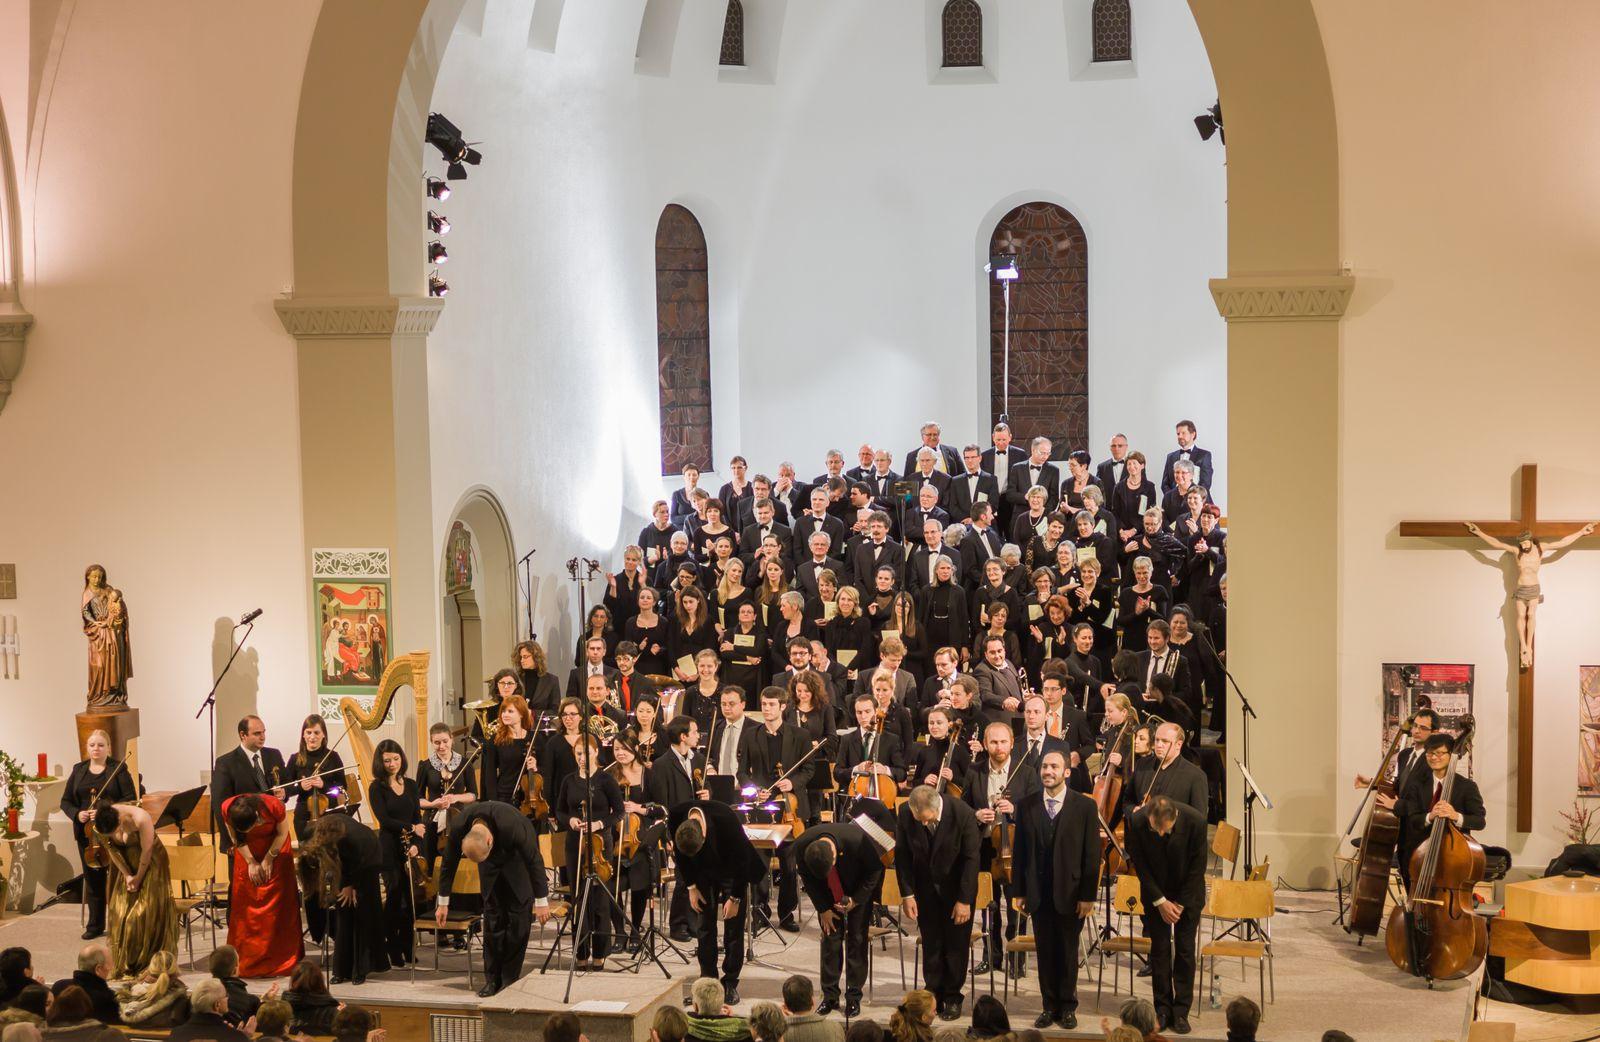 Concert de l'avent à Villars-sur-Glâne